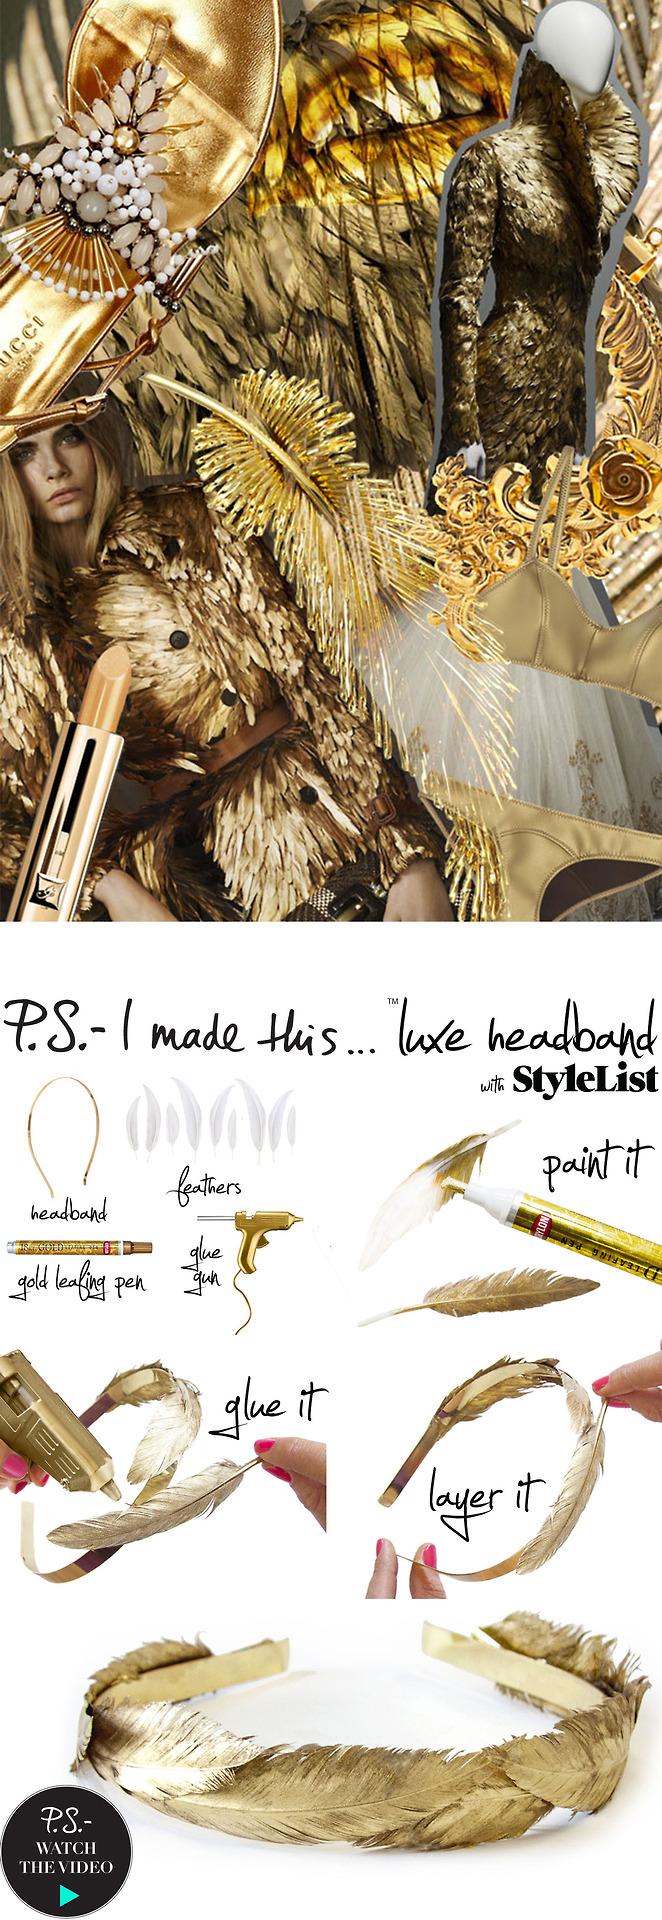 luxe_feather_headband-tumblr_MERGED